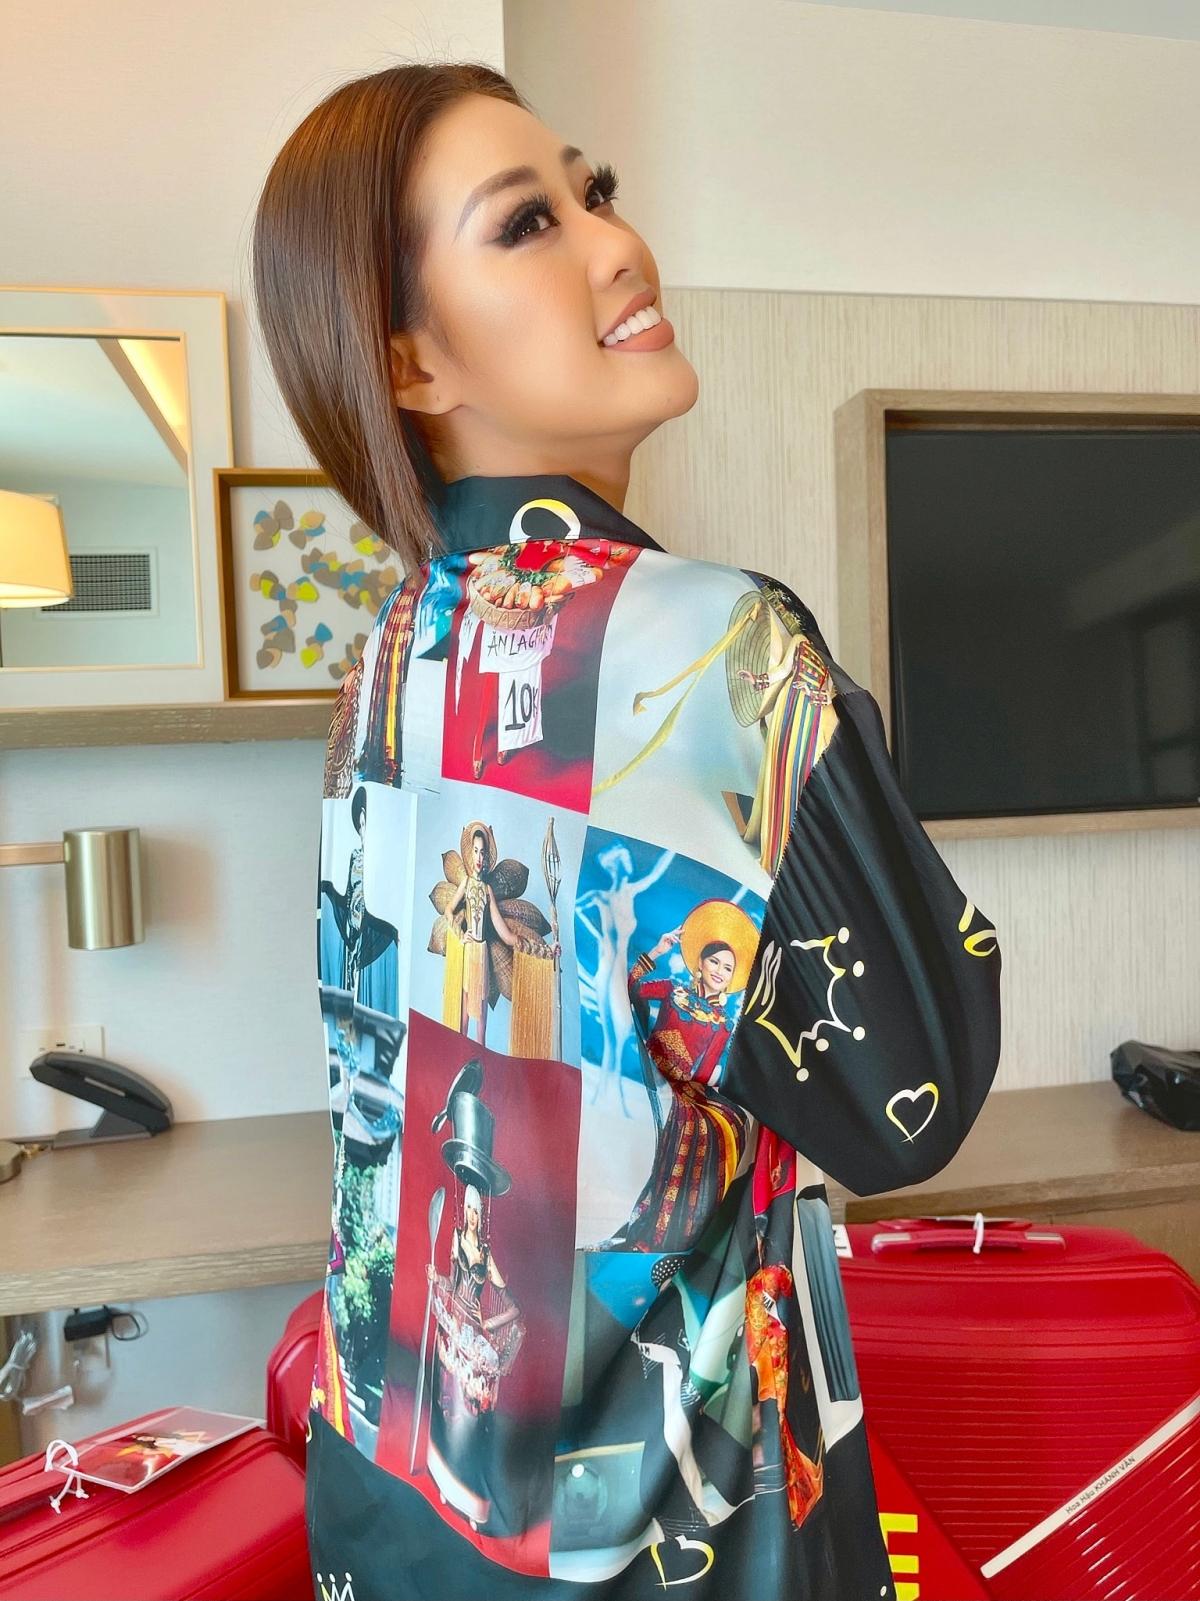 Trong thời gian nghỉ ngơi và cách ly, Hoa hậu Khánh Vân diện trang phục pijama đặc biệt có in hình các đại diện Việt Nam tại Miss Universe trong trang phục dân tộc.